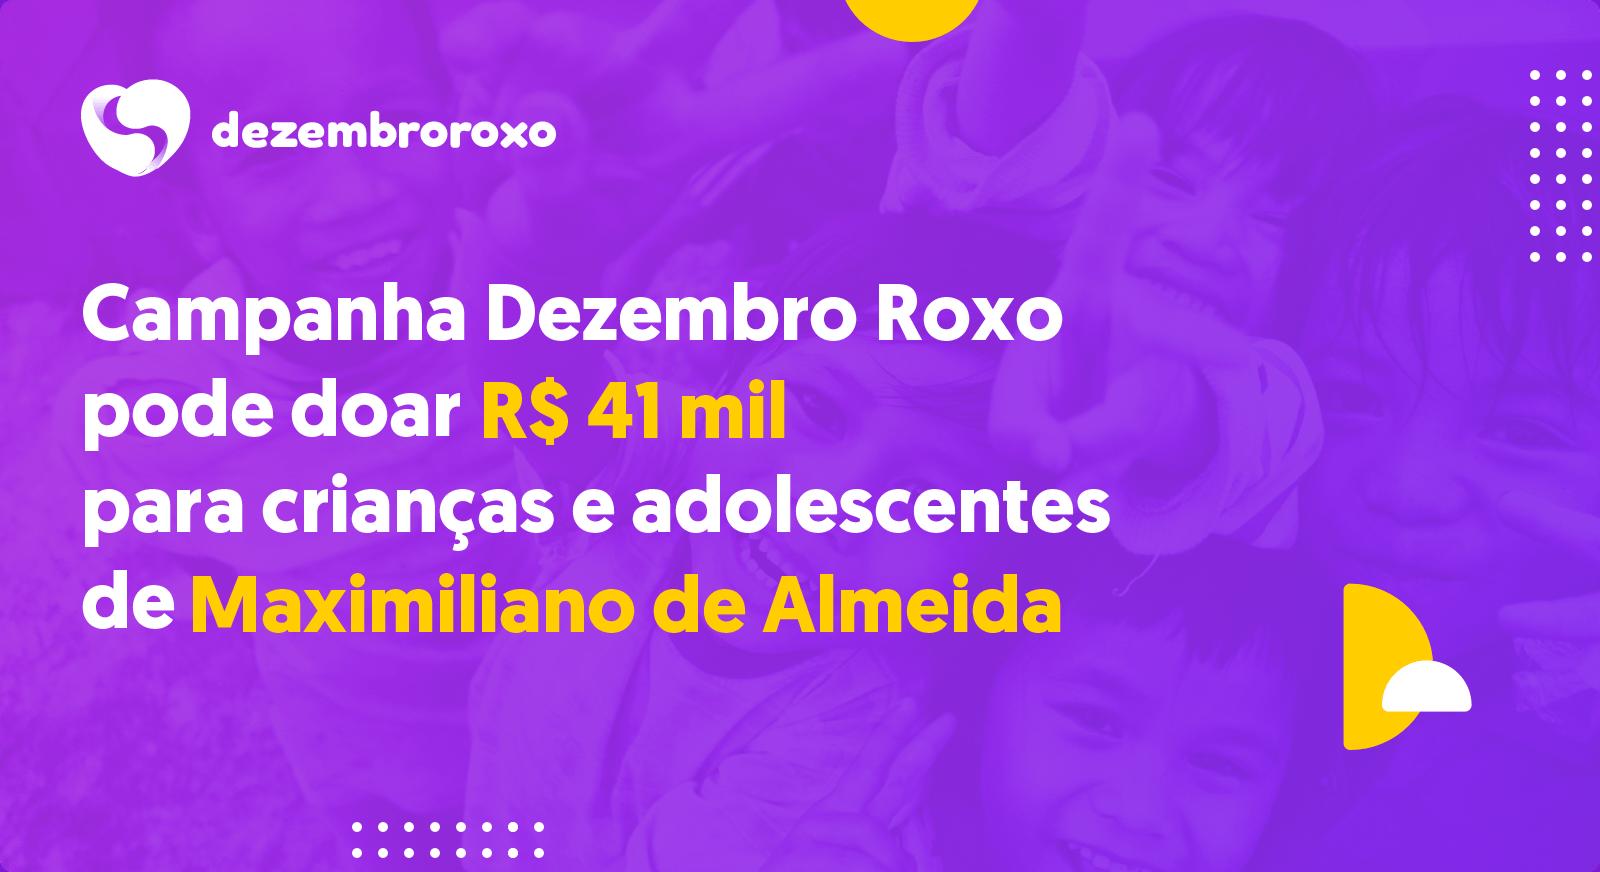 Doações em Maximiliano de Almeida - RS